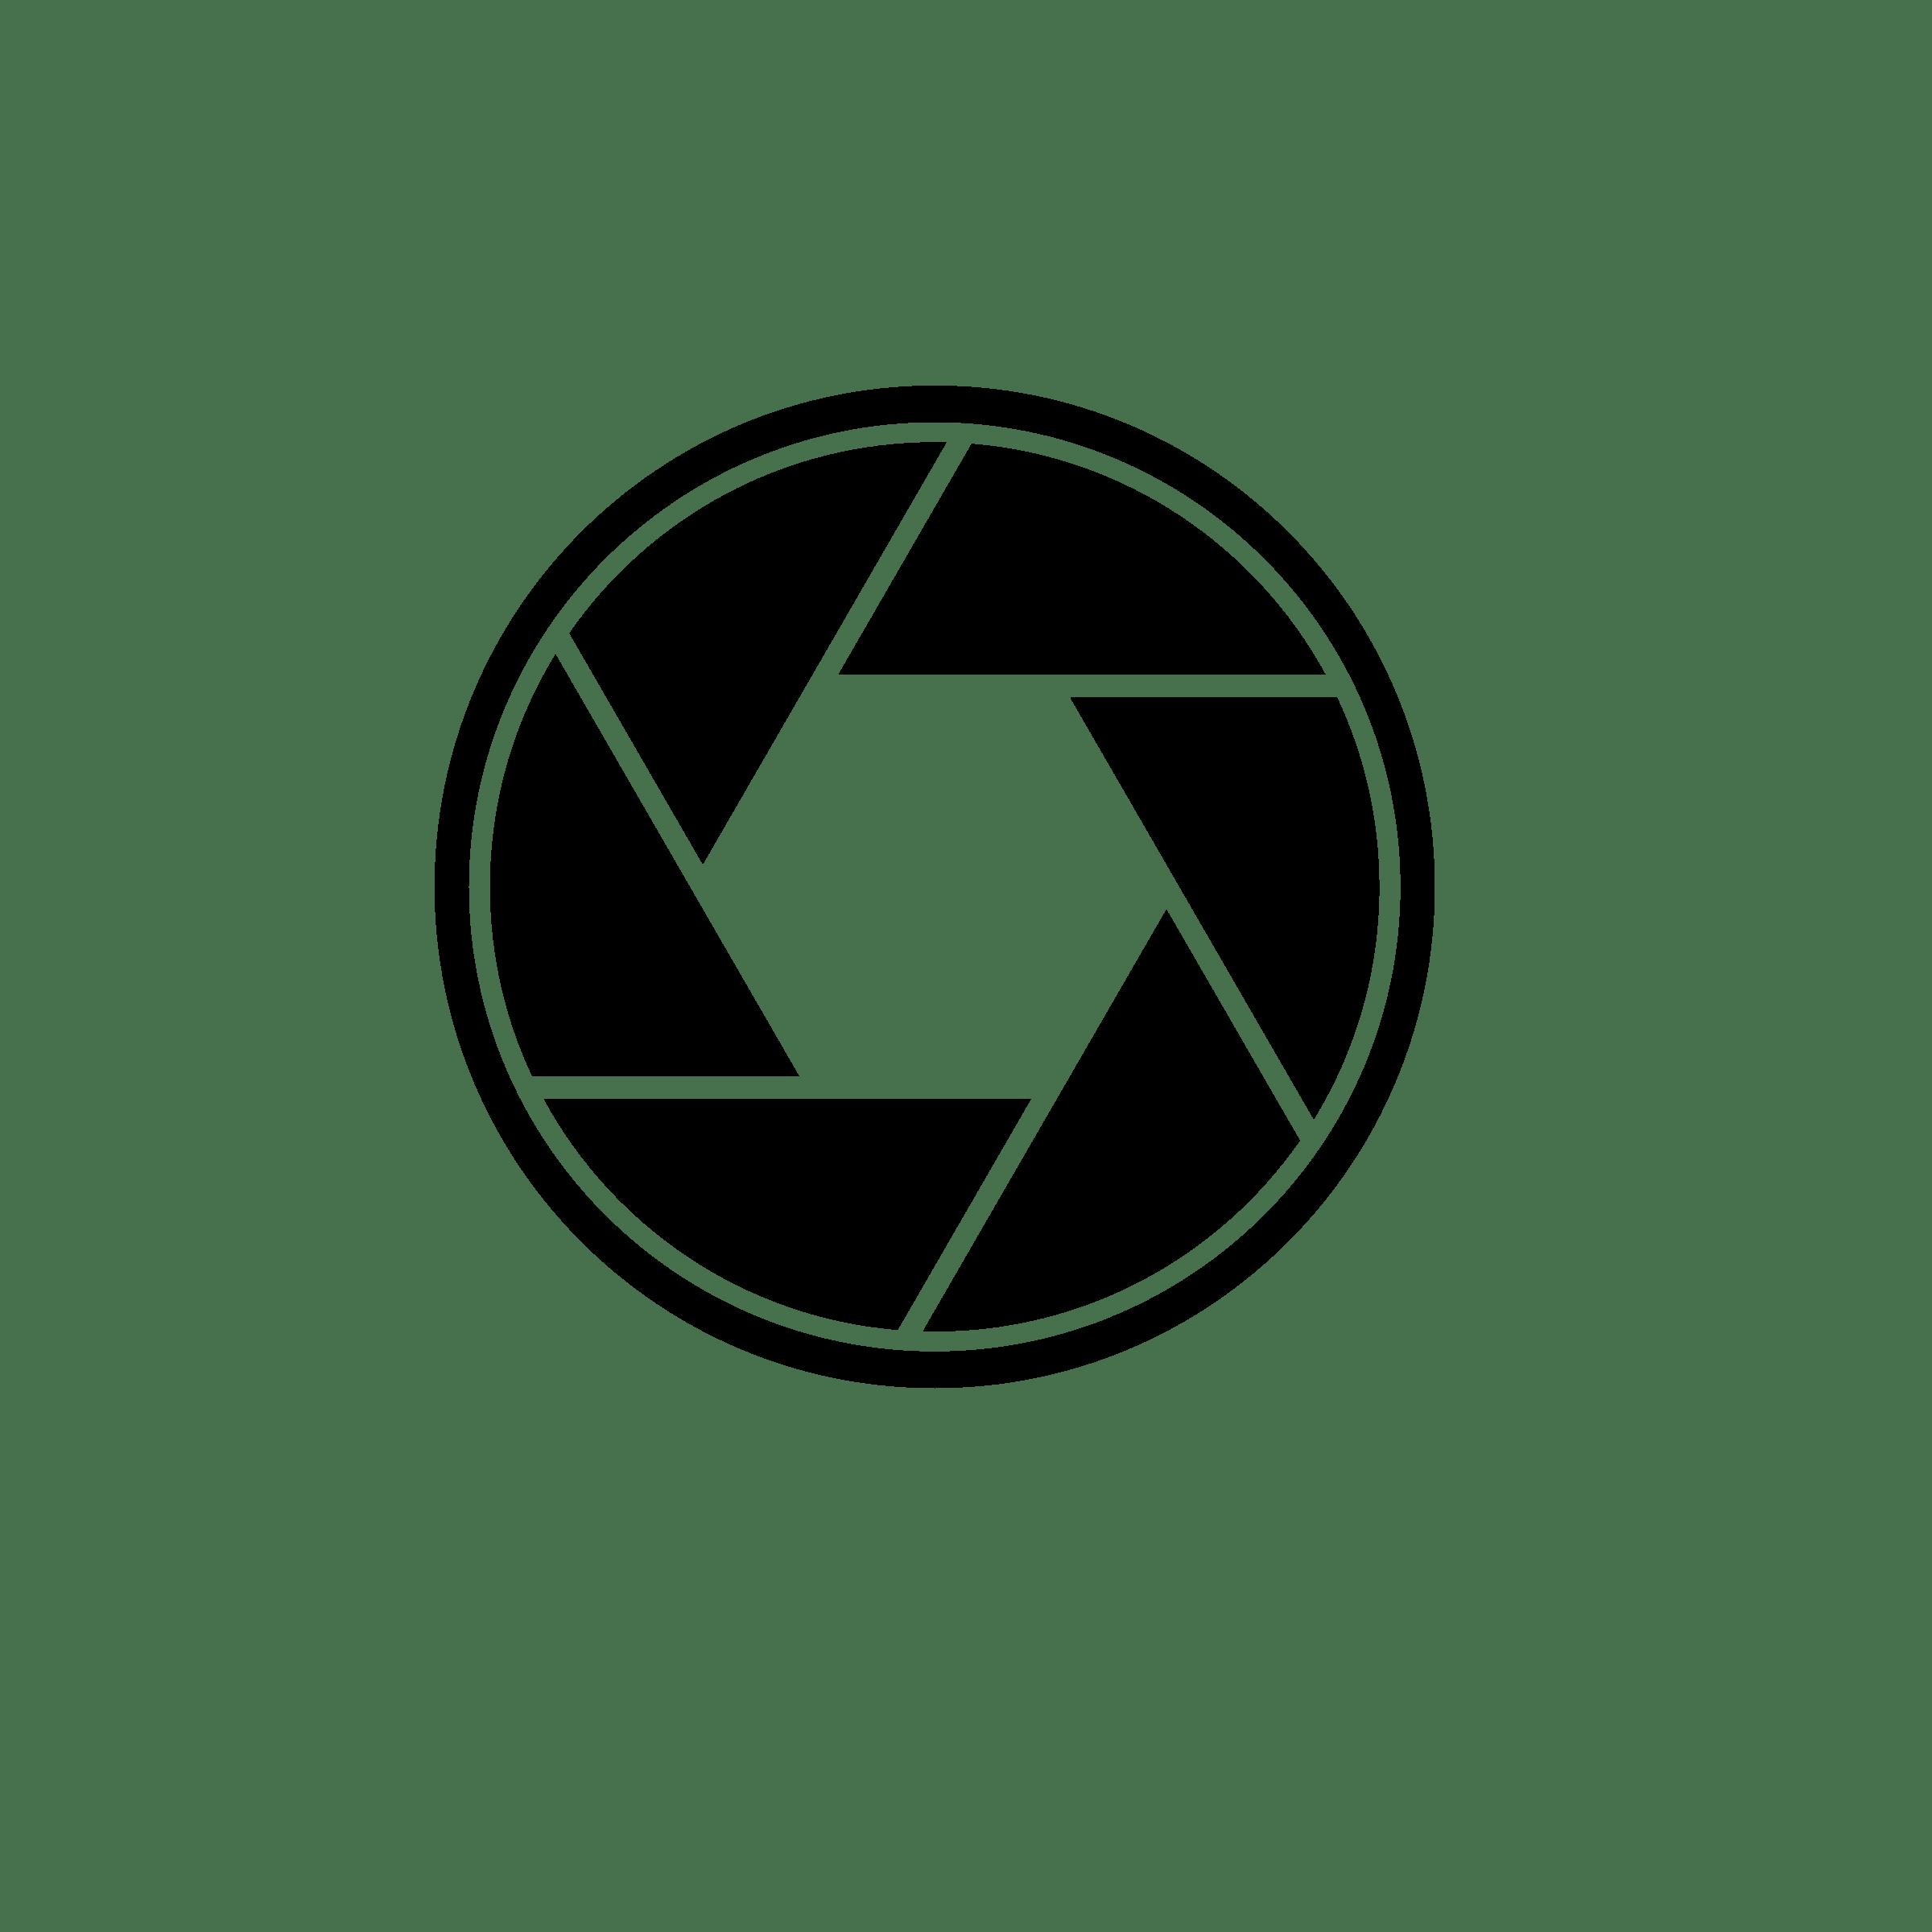 Camera iris transparent png stickpng for Transparent top design